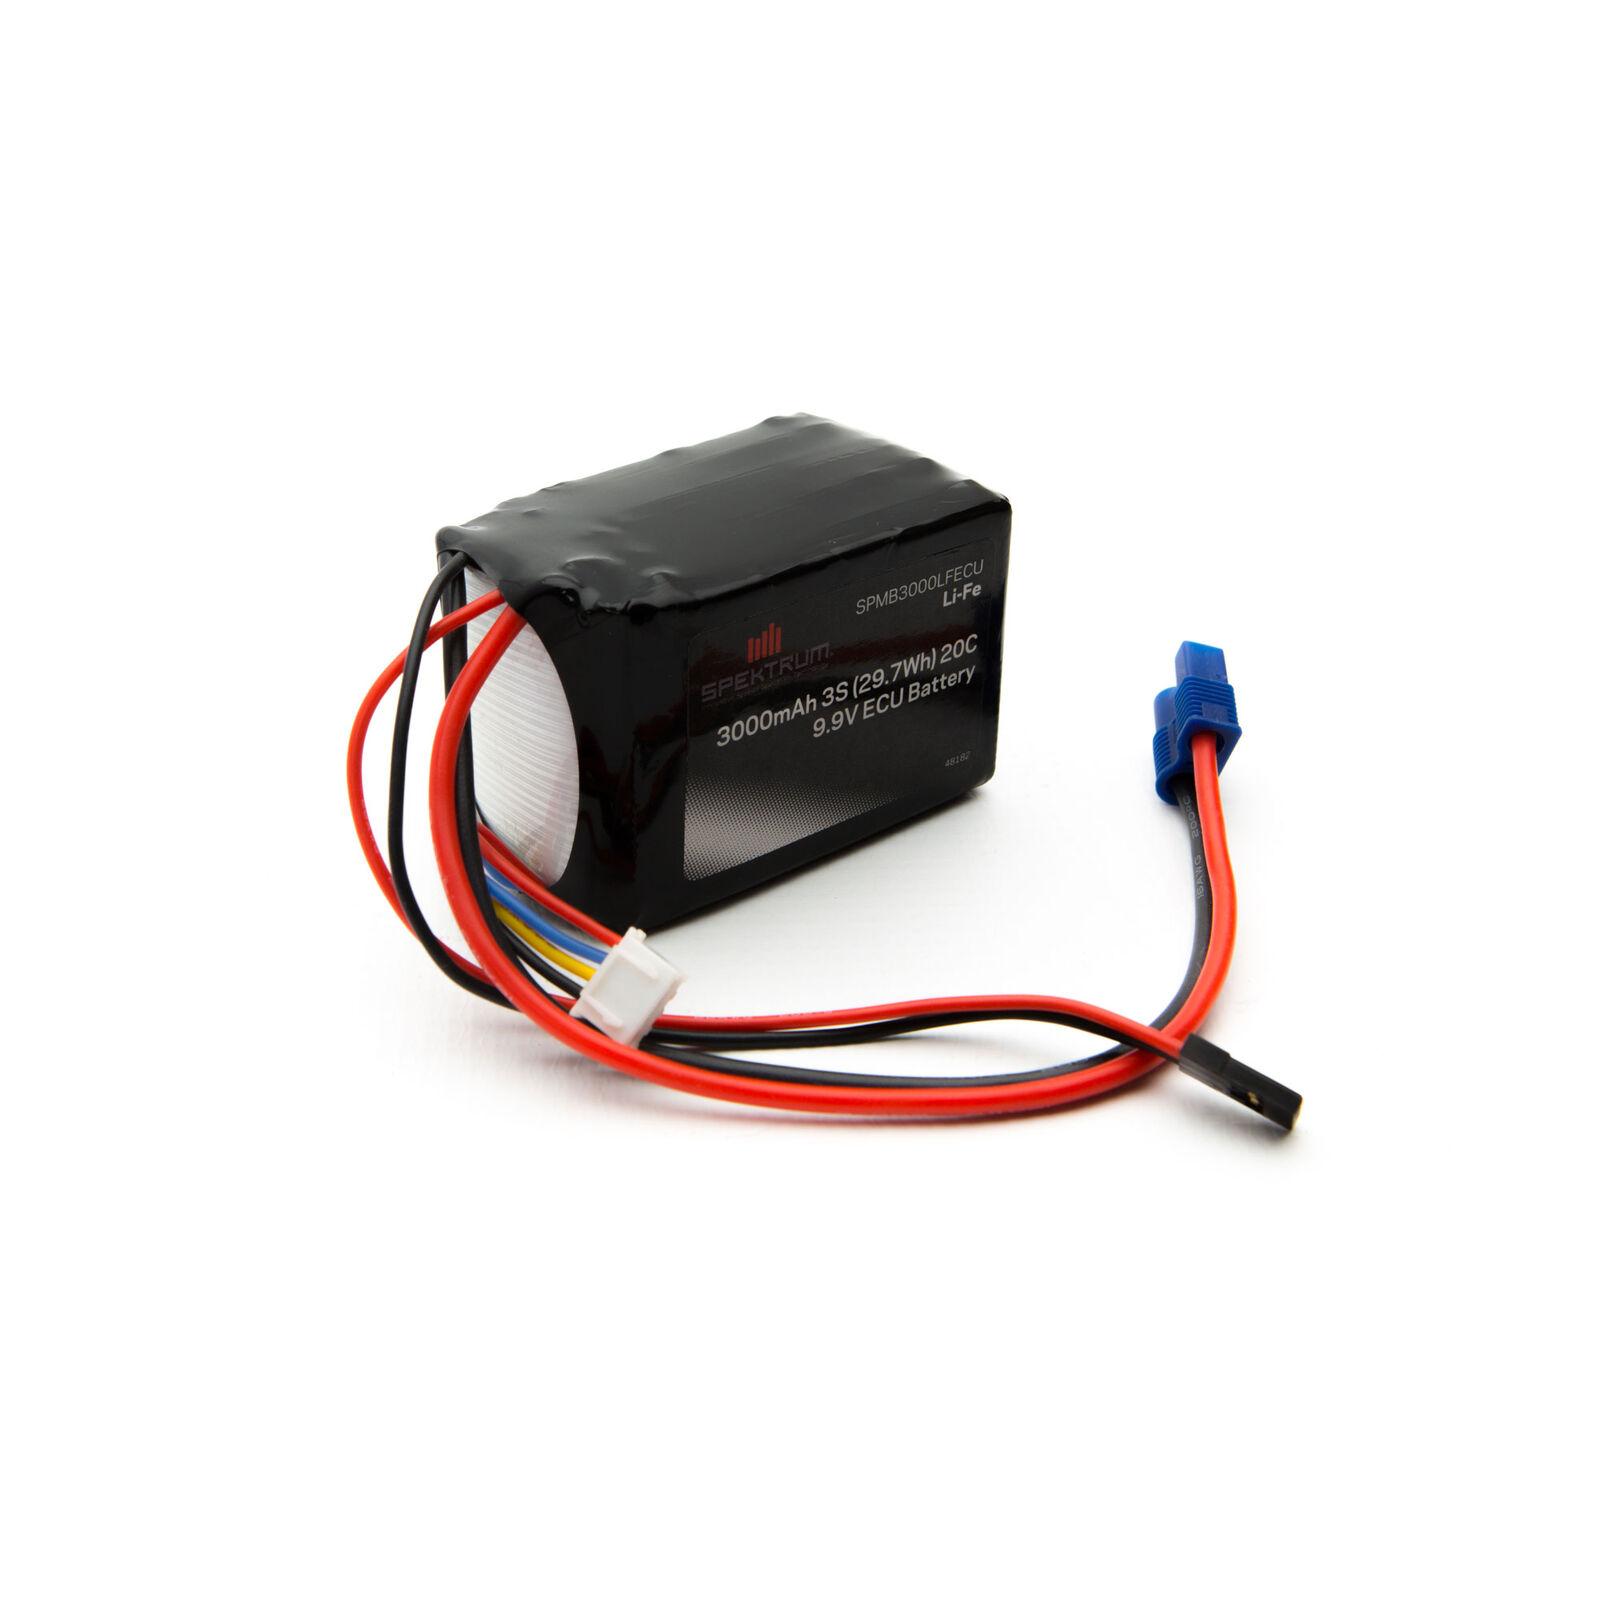 9.9V 3000mAh 3S LiFe ECU Battery: Universal Receiver, EC3